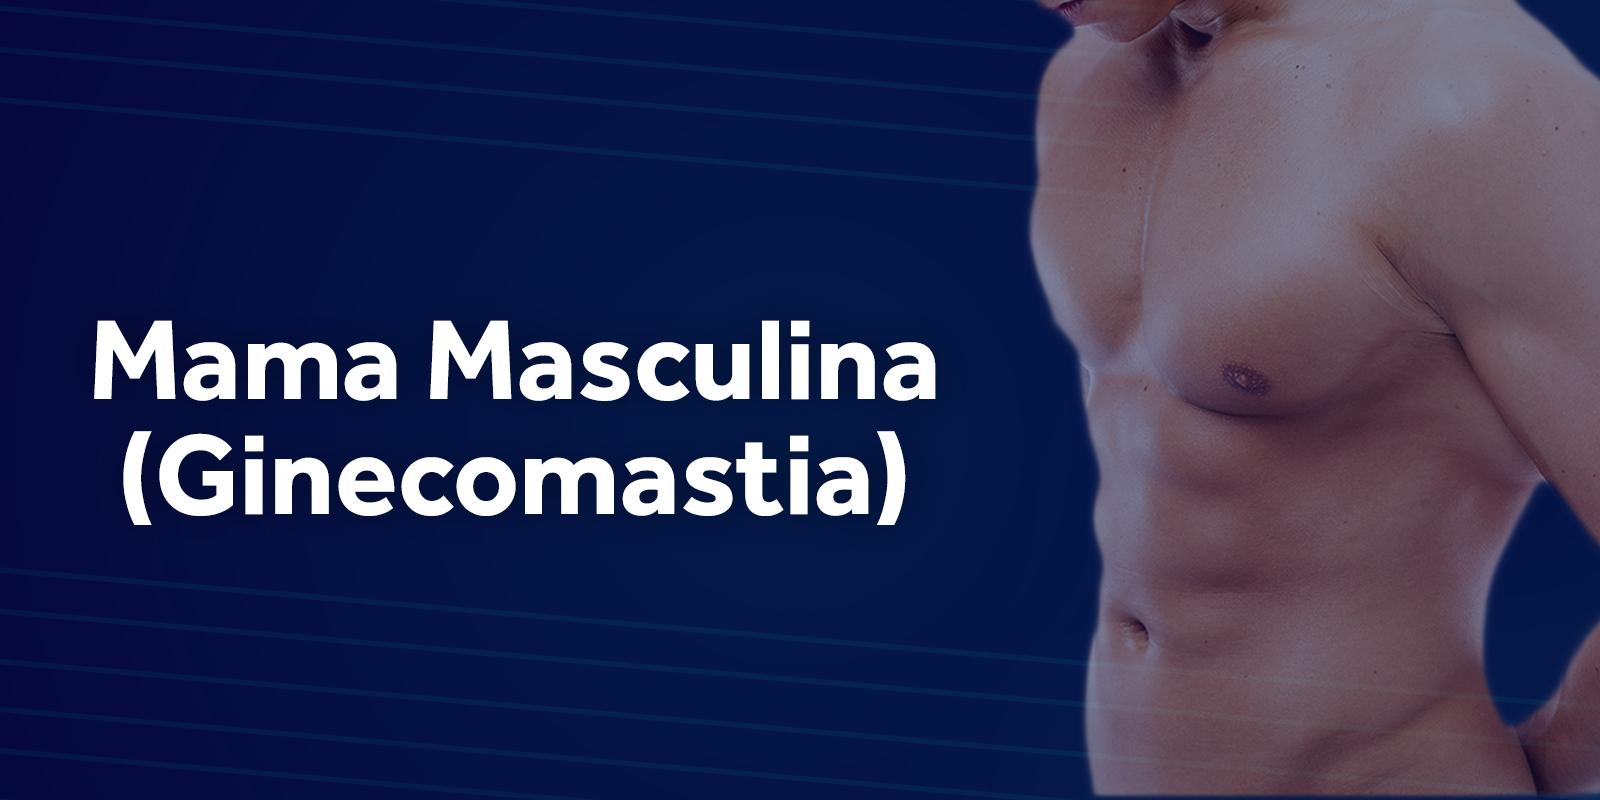 Ginecomastia (Mama Masculina)